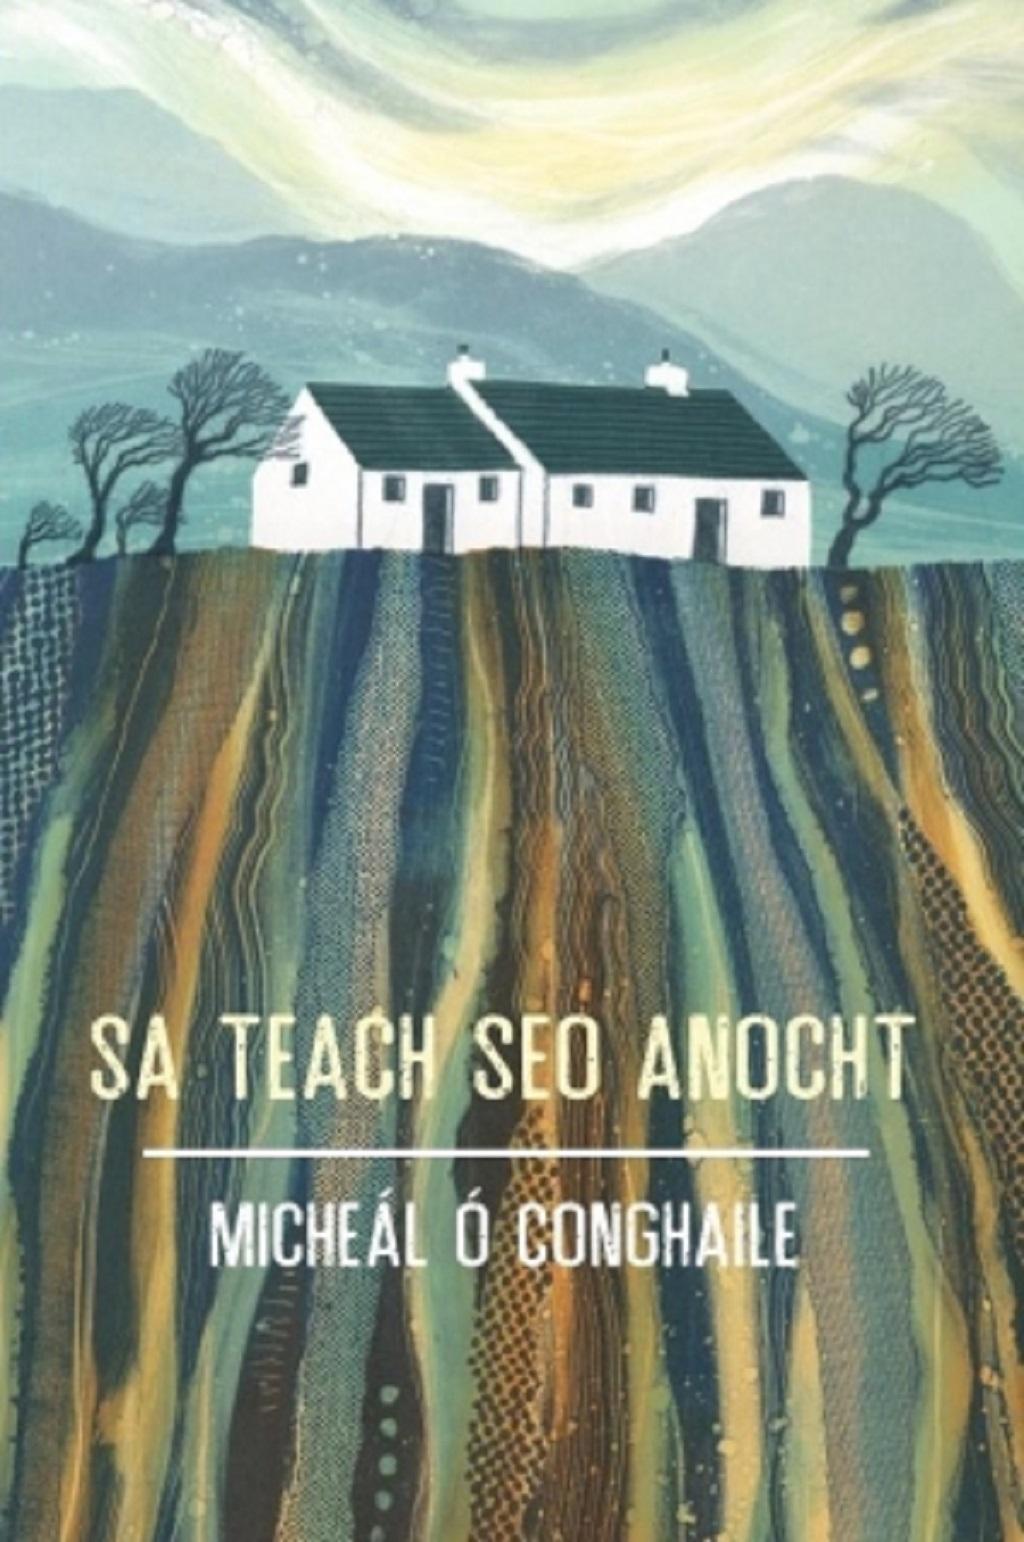 Sa Teach Seo Anocht le Micheal Ó Conghaile